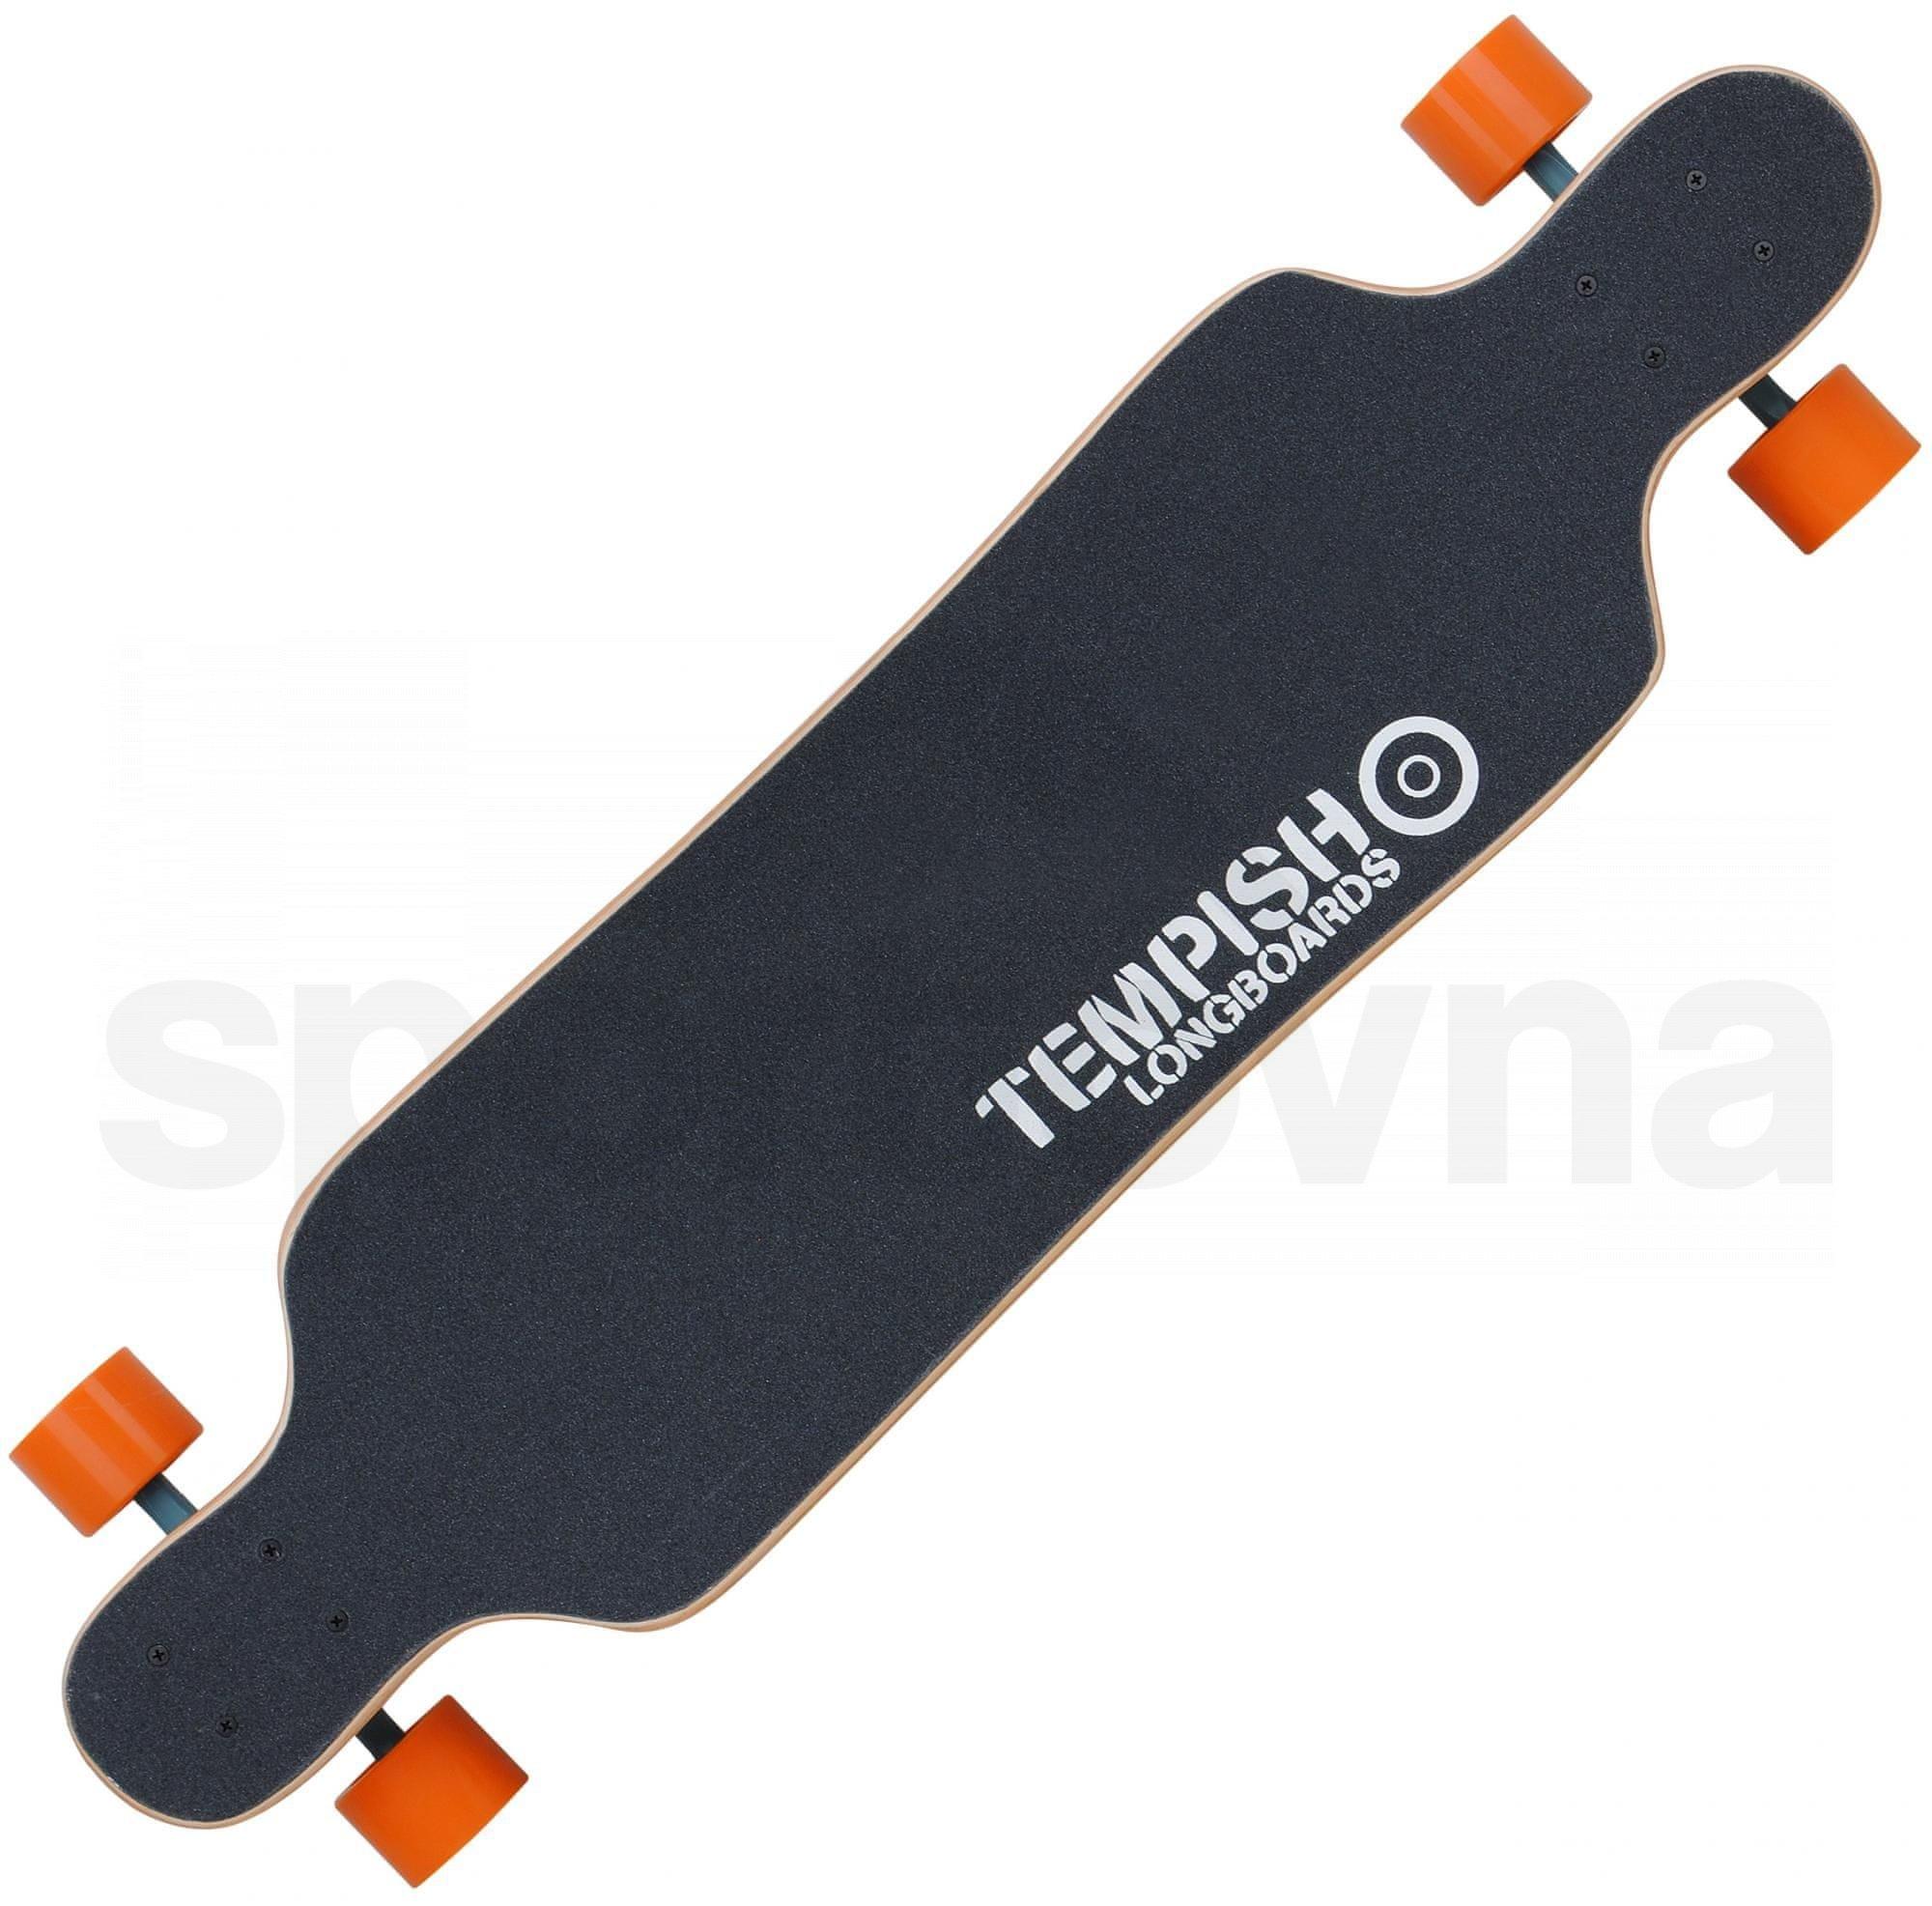 Longboard Tempish Mazak - oranžová/černá